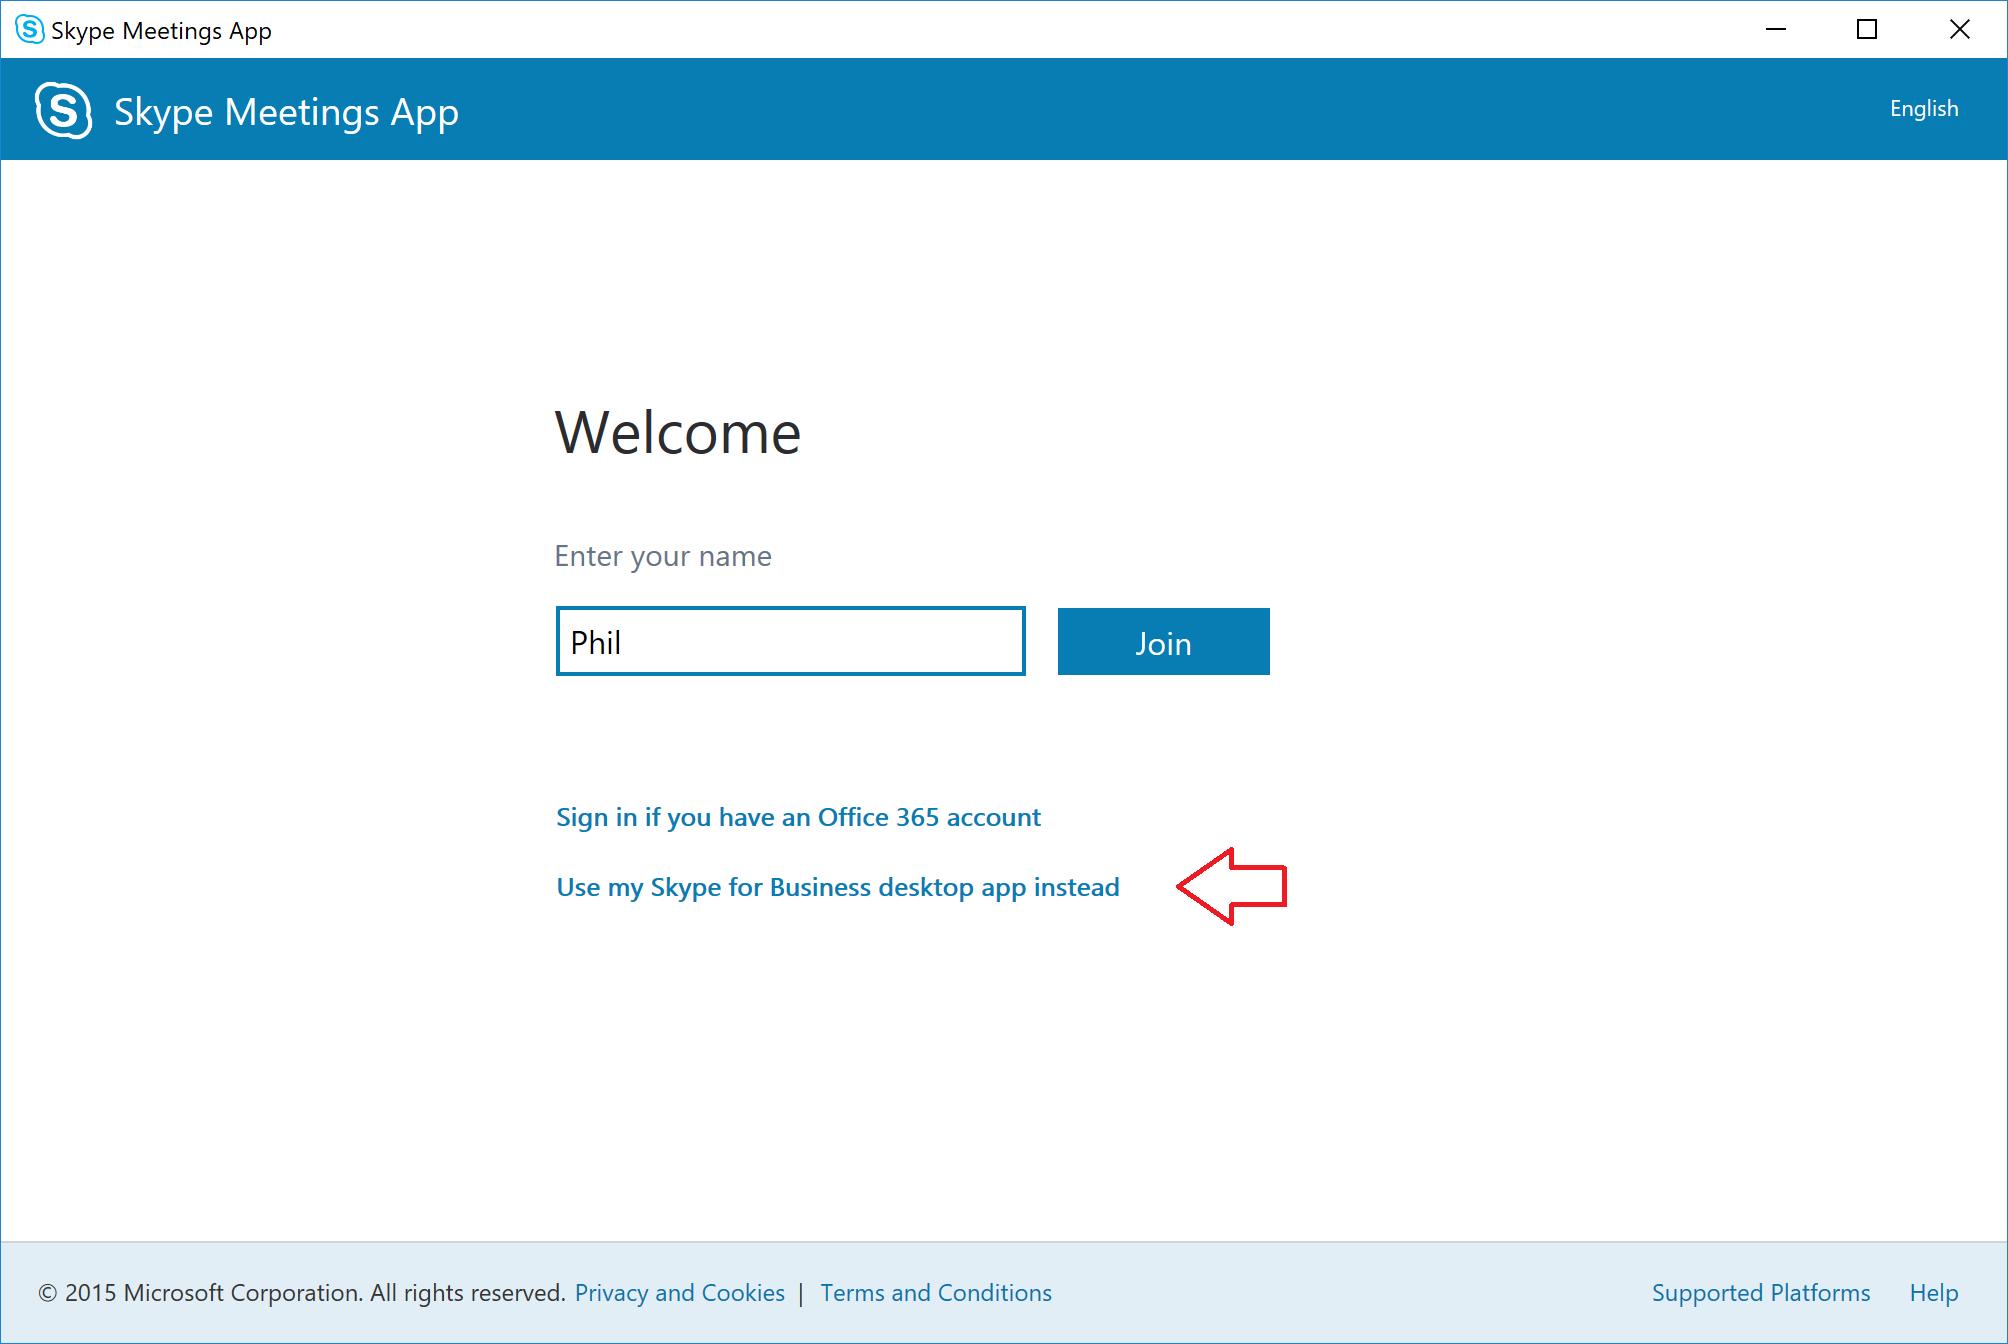 Skype Meetings App improvements on their way